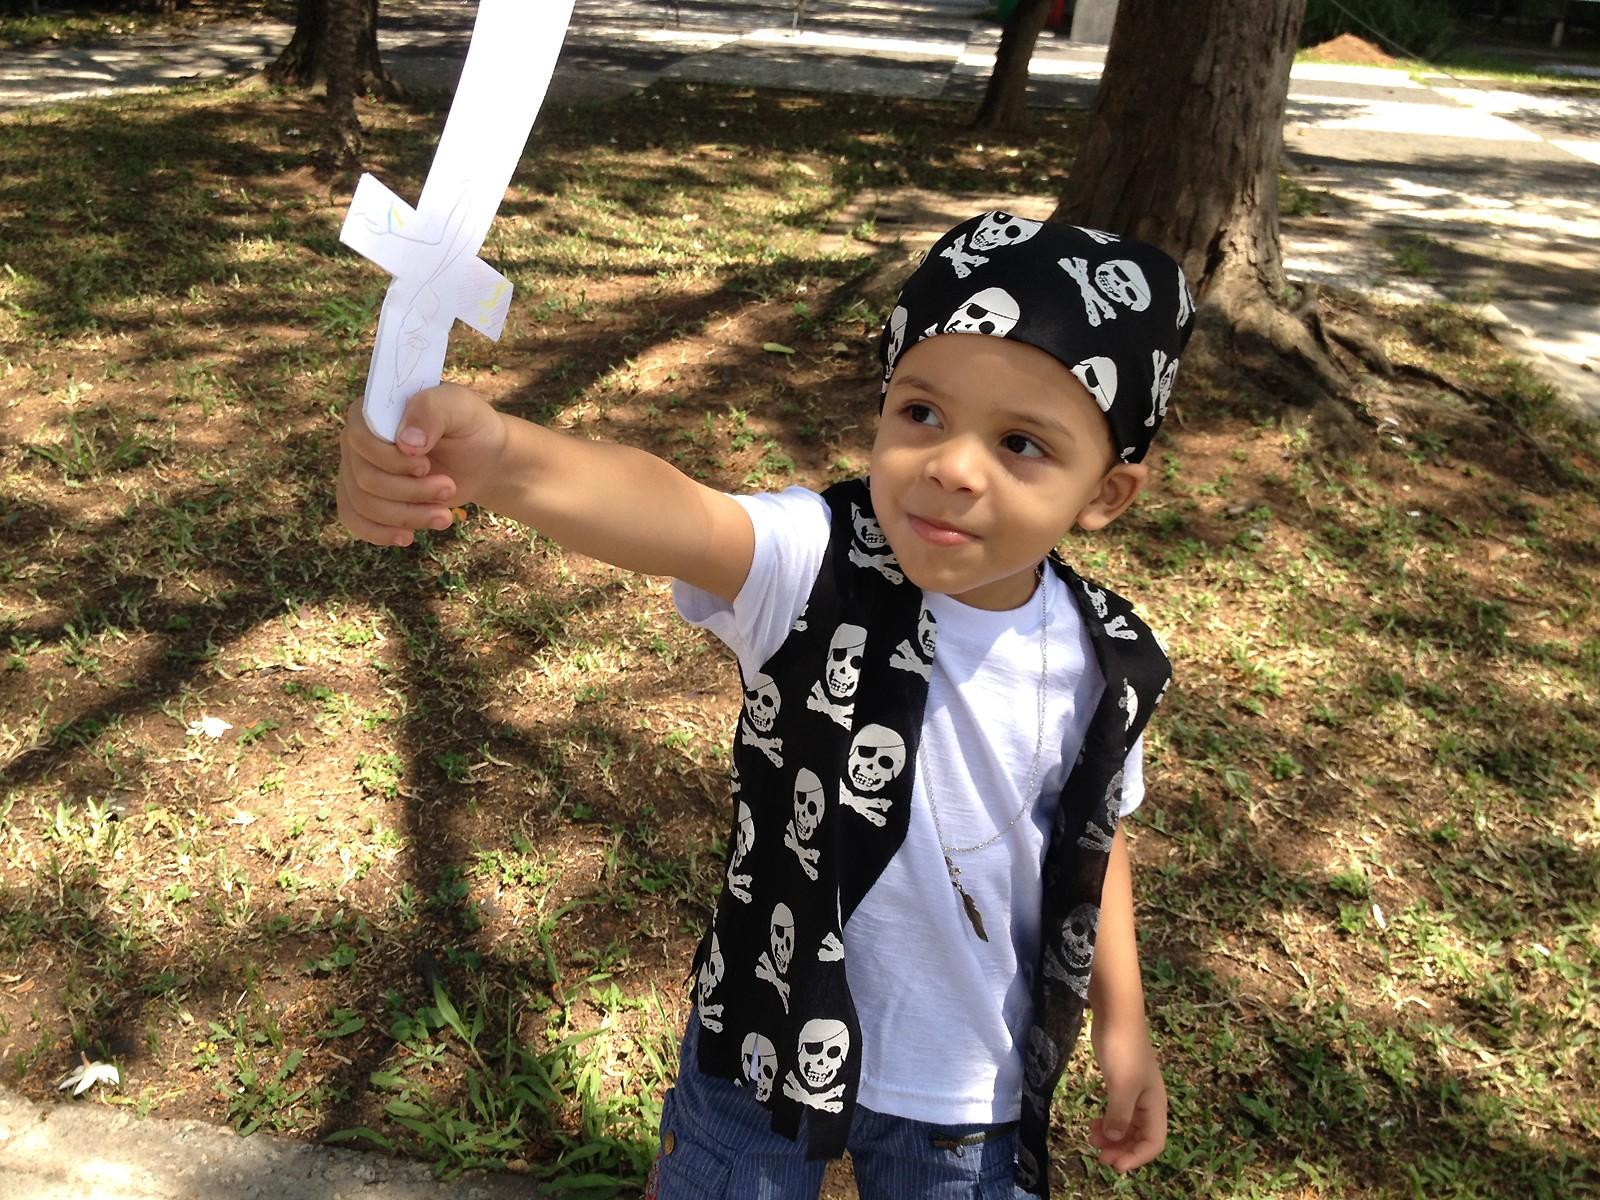 Pedro, de 3 anos, caprichou na pose de galã para sair na QUEM Inspira (Foto: QUEM Inspira)